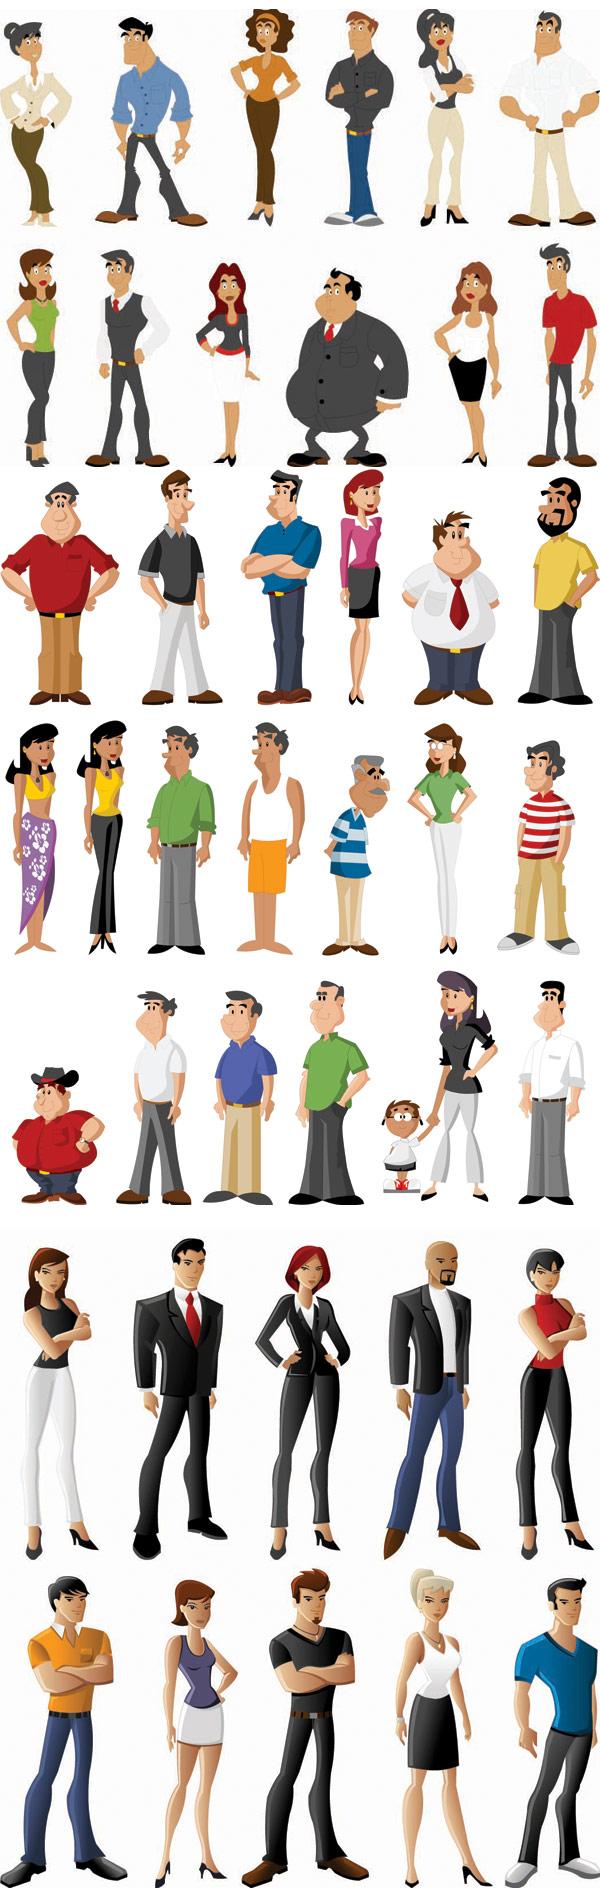 矢量生活人物 简介: 各式卡通人物矢量素材,卡通,漫画,人物,胖子